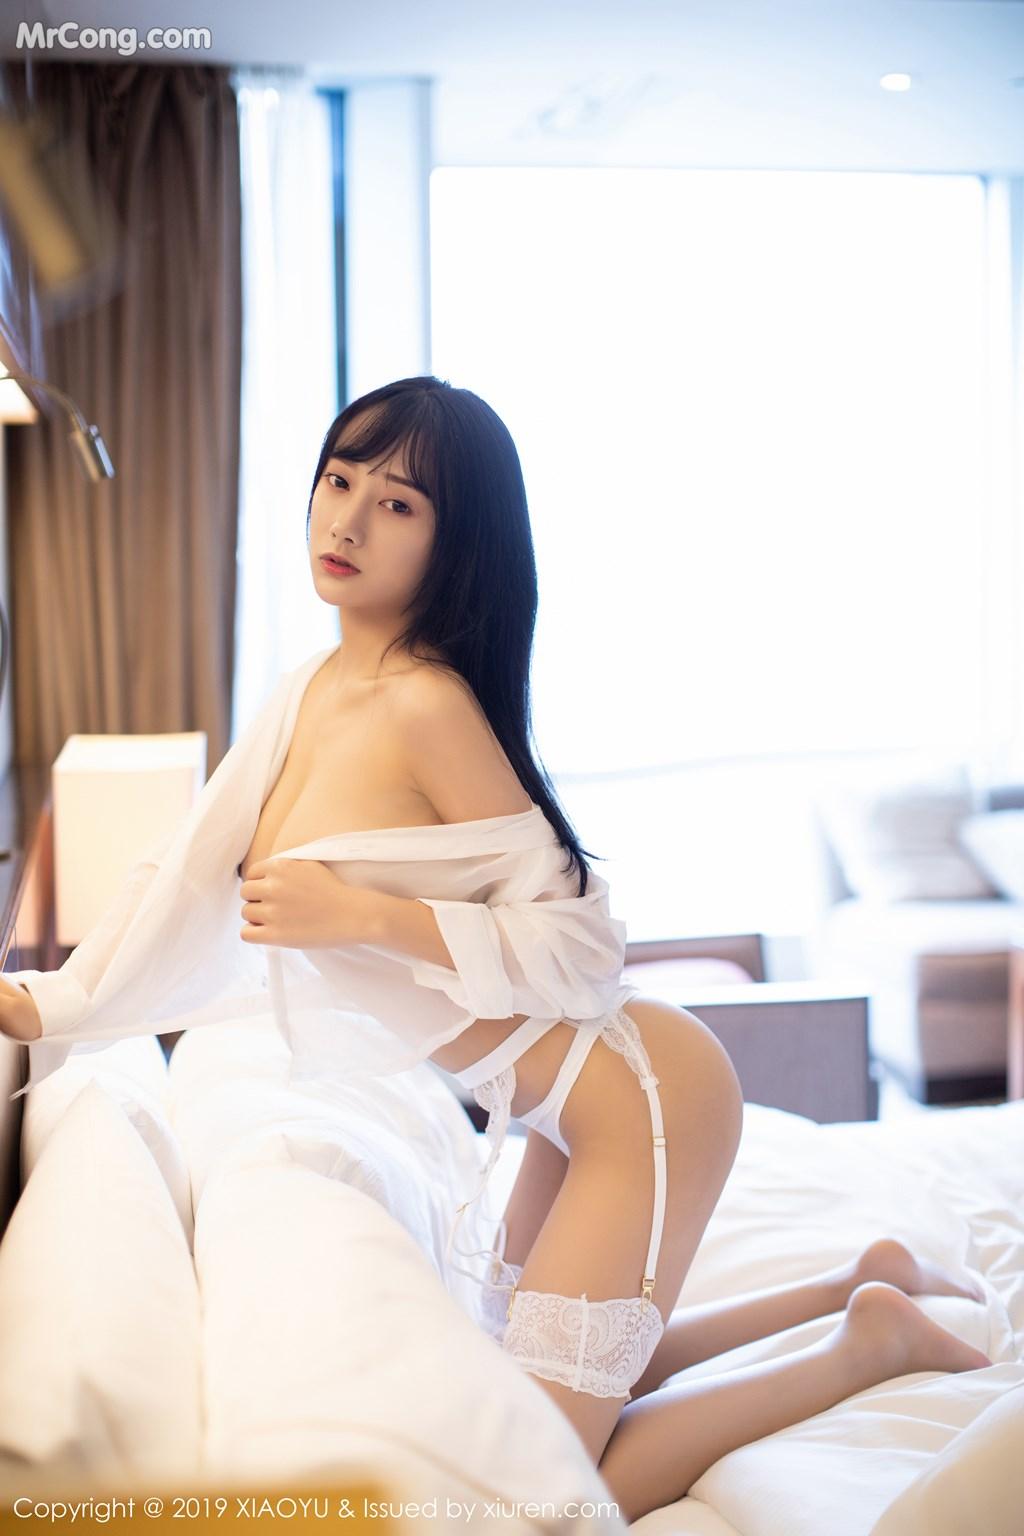 Image XiaoYu-Vol.076-He-Jia-Ying-MrCong.com-059 in post XiaoYu Vol.076: He Jia Ying (何嘉颖) (72 ảnh)